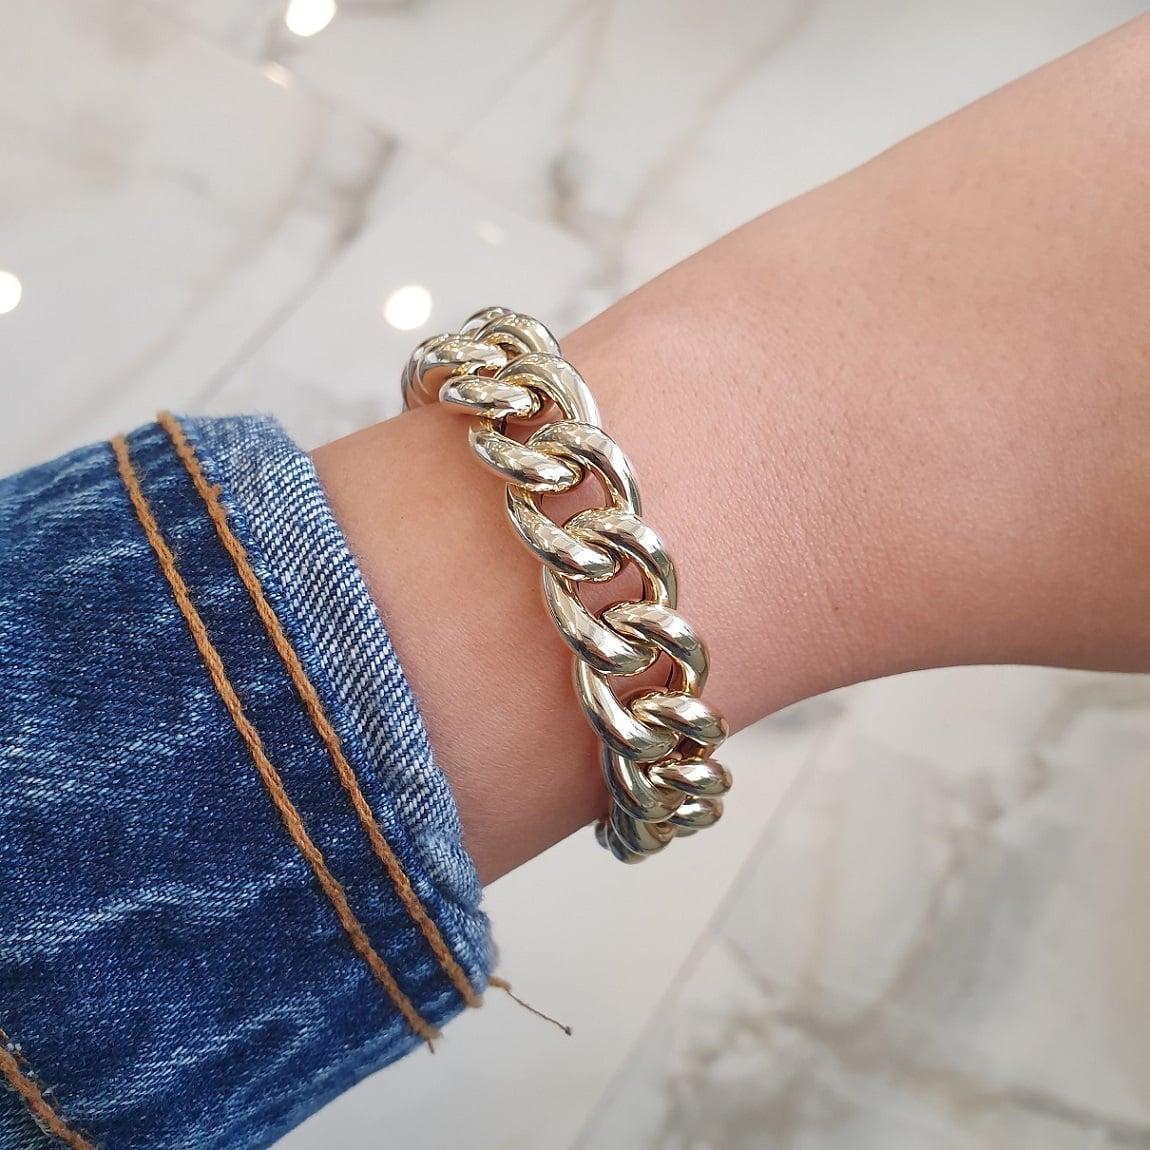 צמיד זהב לאישה בינוני חוליות איטלקי עבה מזהב 14 קאראט